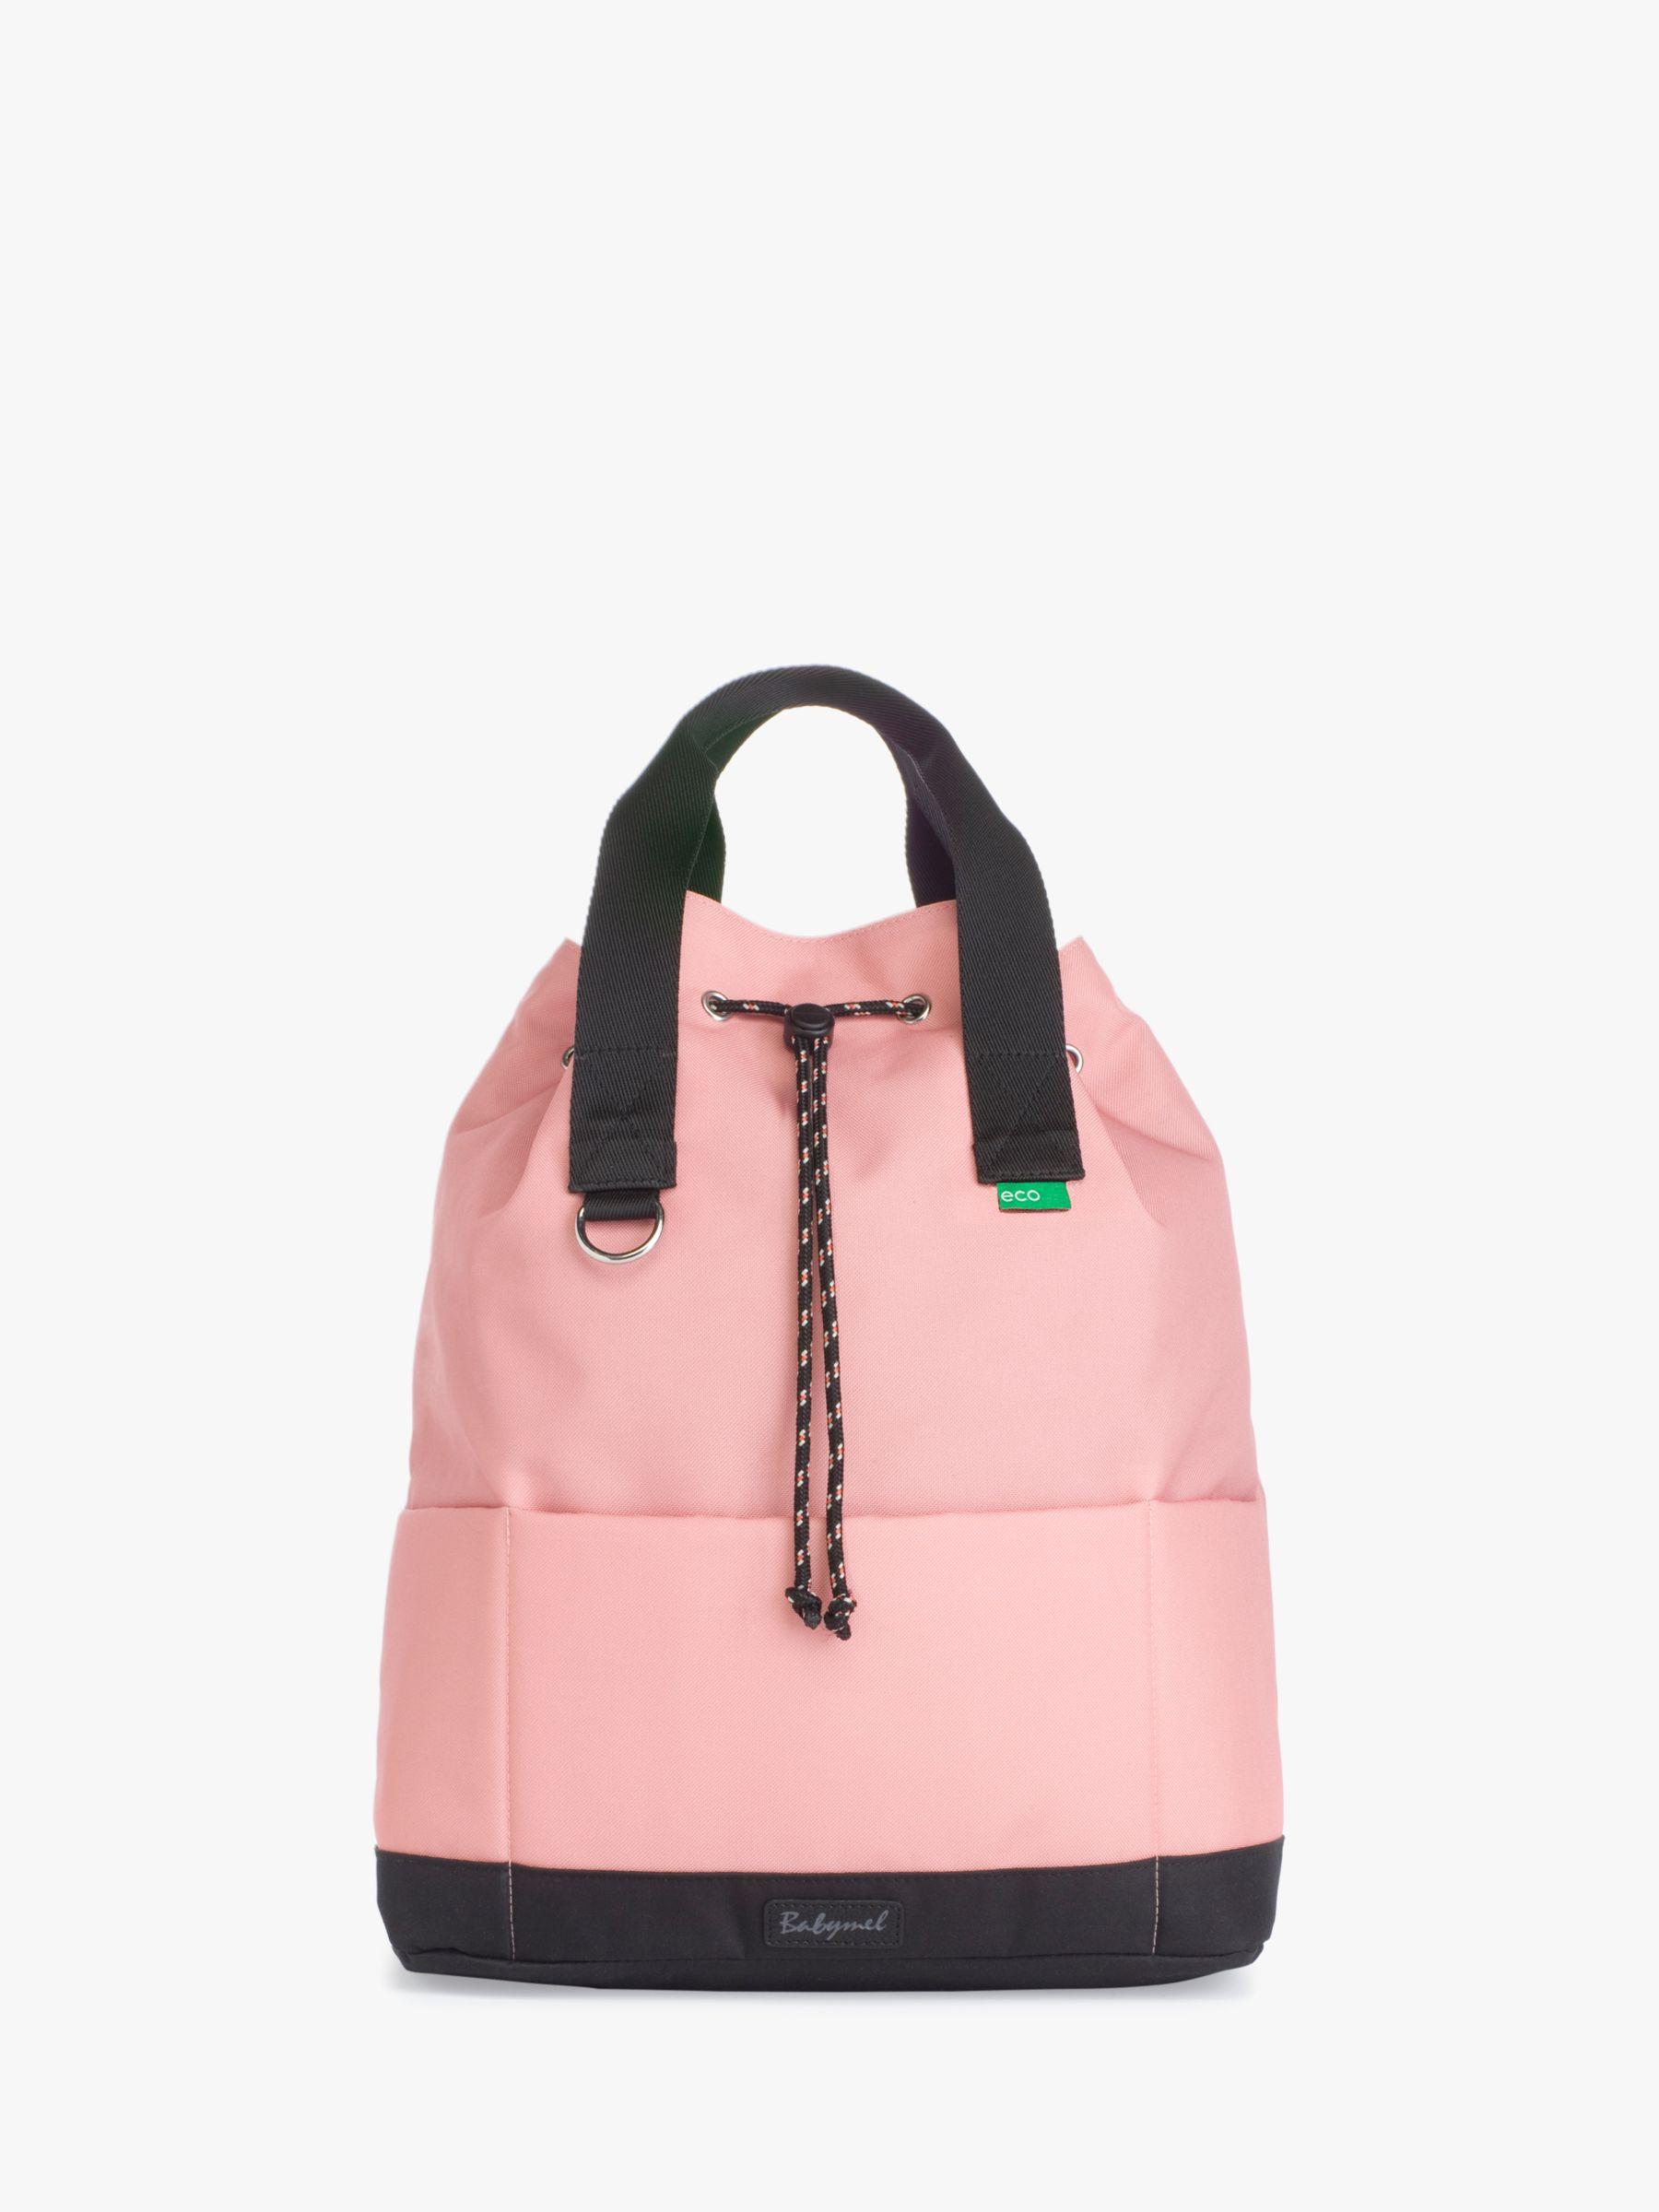 Babymel Babymel Top 'n' Tail Draw String Backpack Changing Bag, Pink